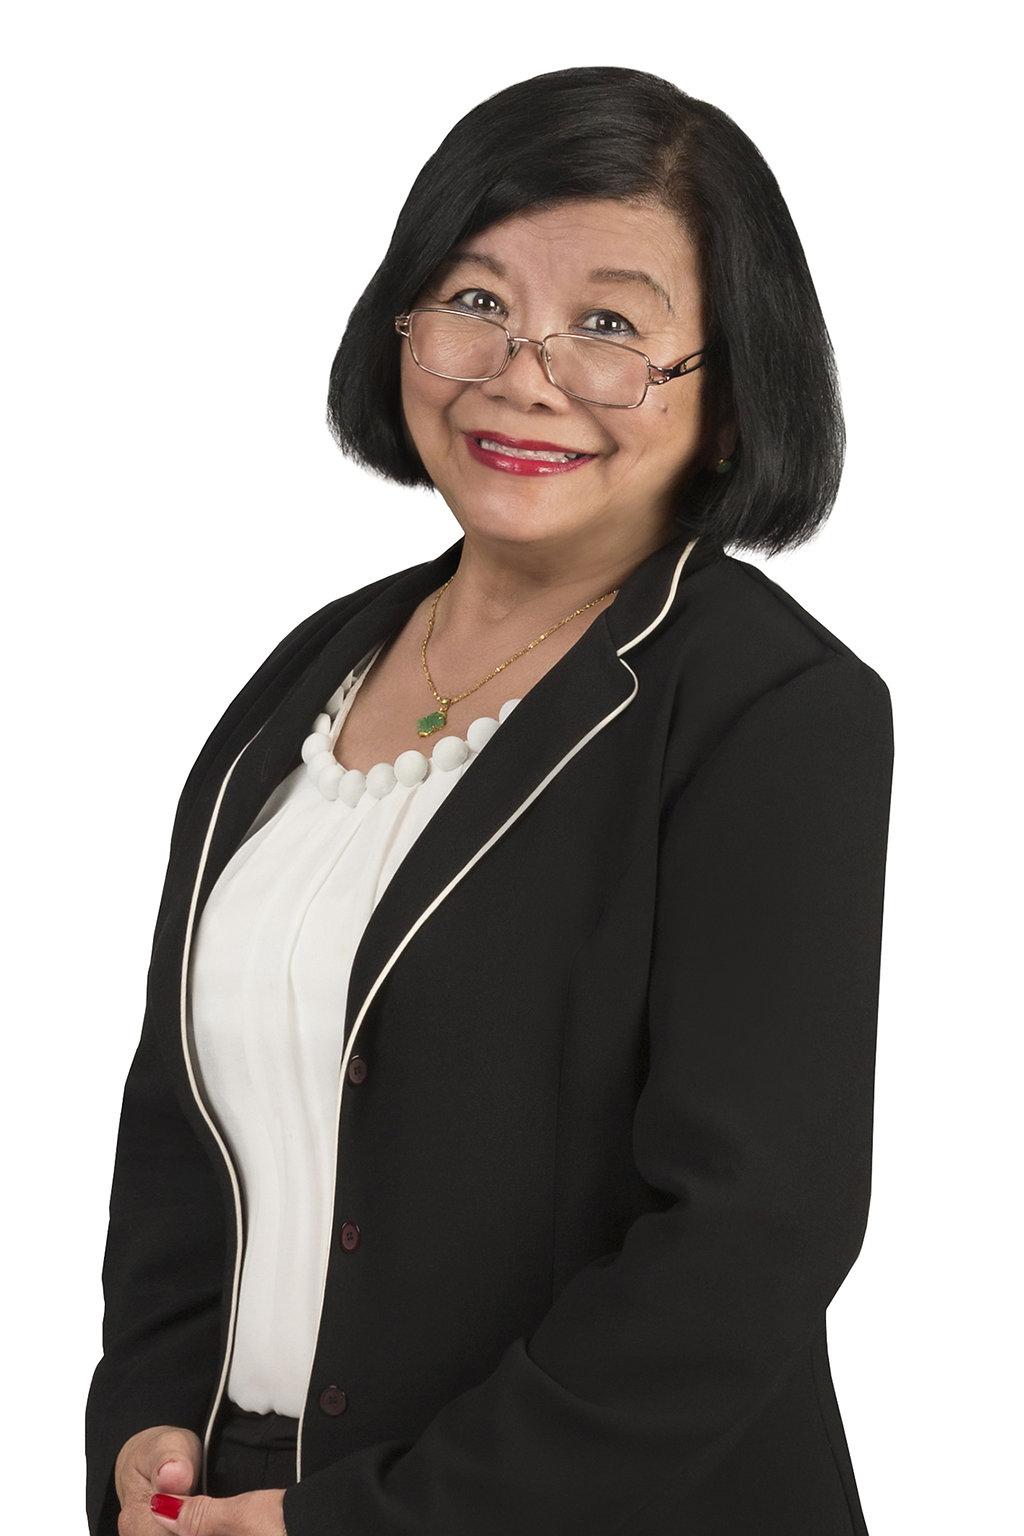 Kim Gamba